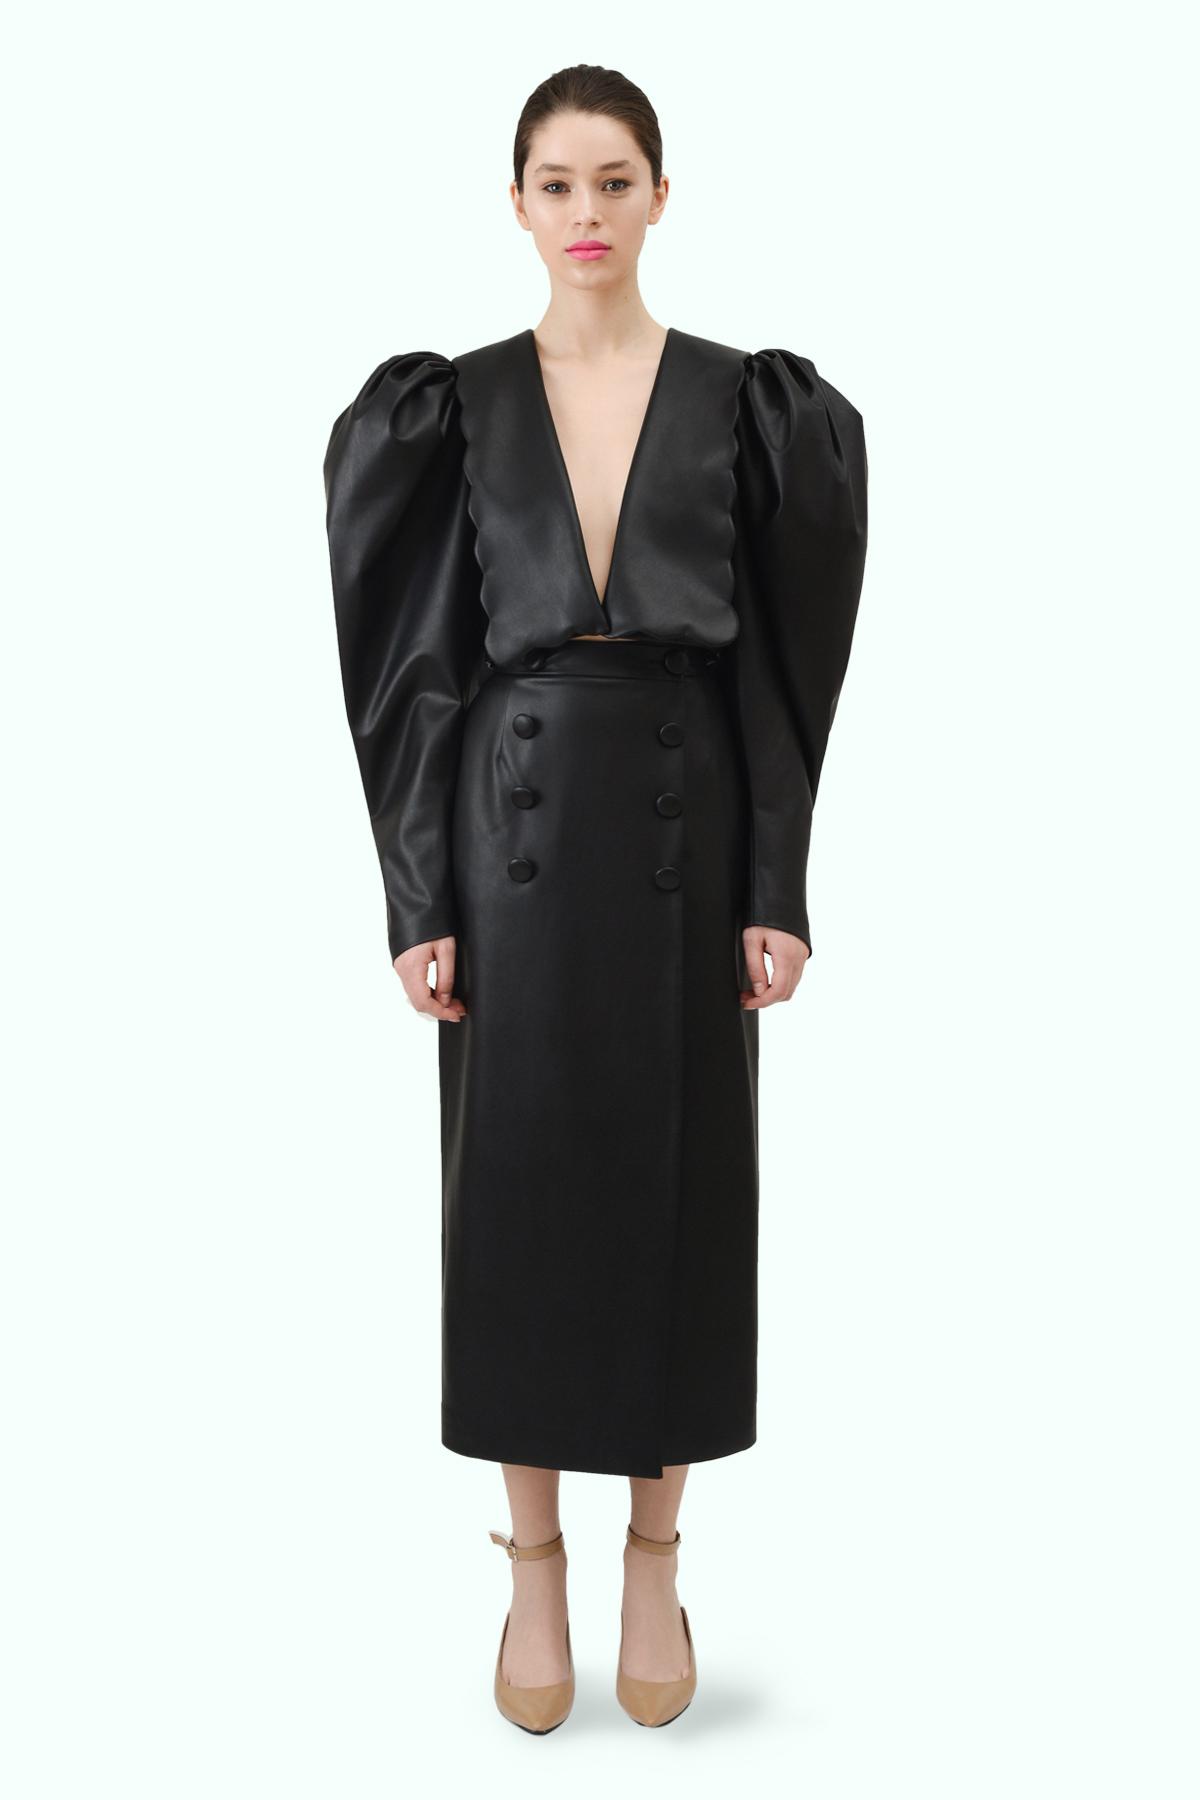 Black vegan leather high waist pencil skirt